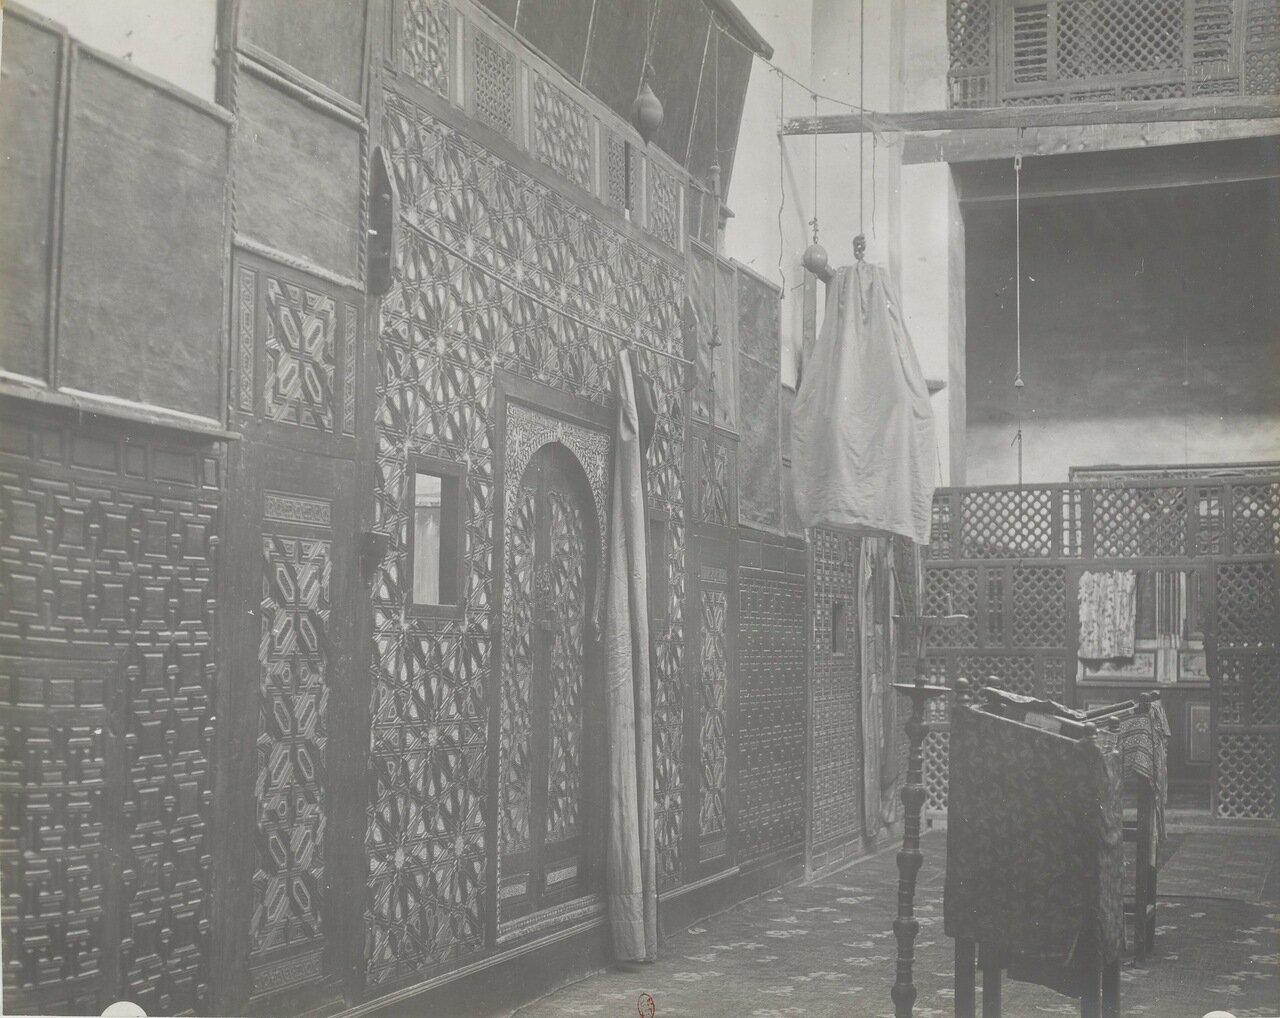 Коптская церковь Св. Сергия в Каире